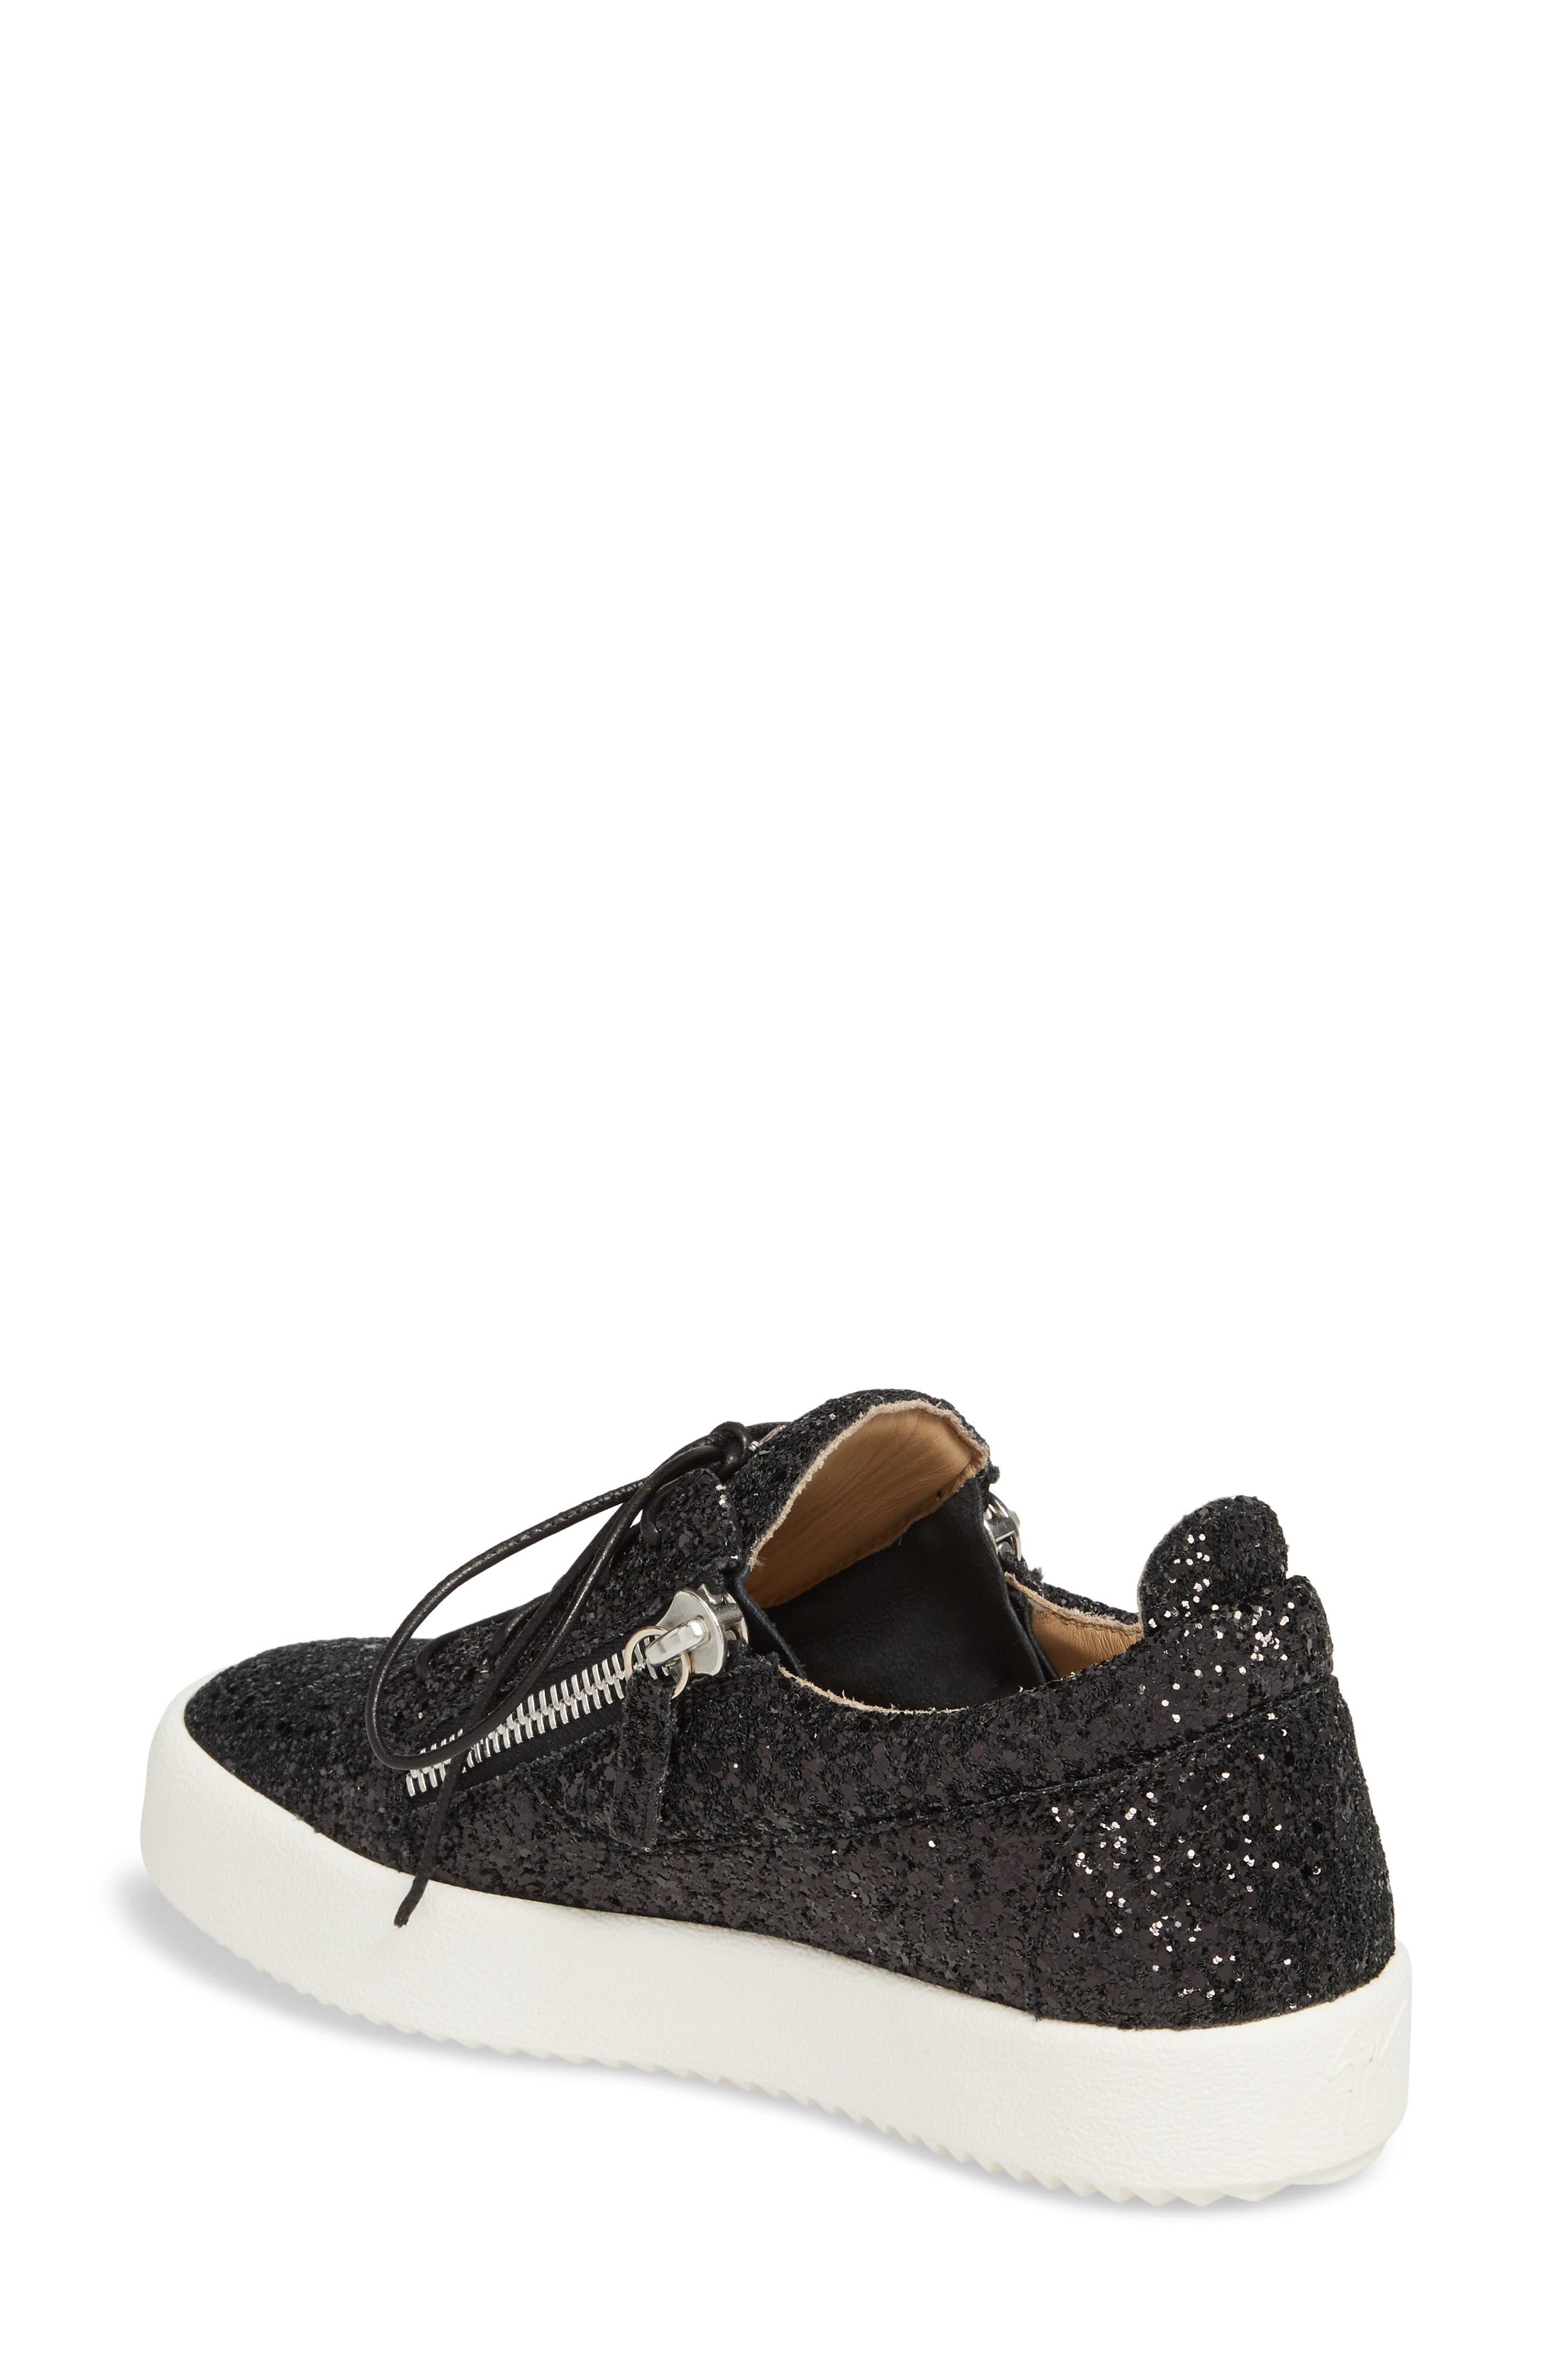 May London Low Top Sneaker,                             Alternate thumbnail 2, color,                             BLACK